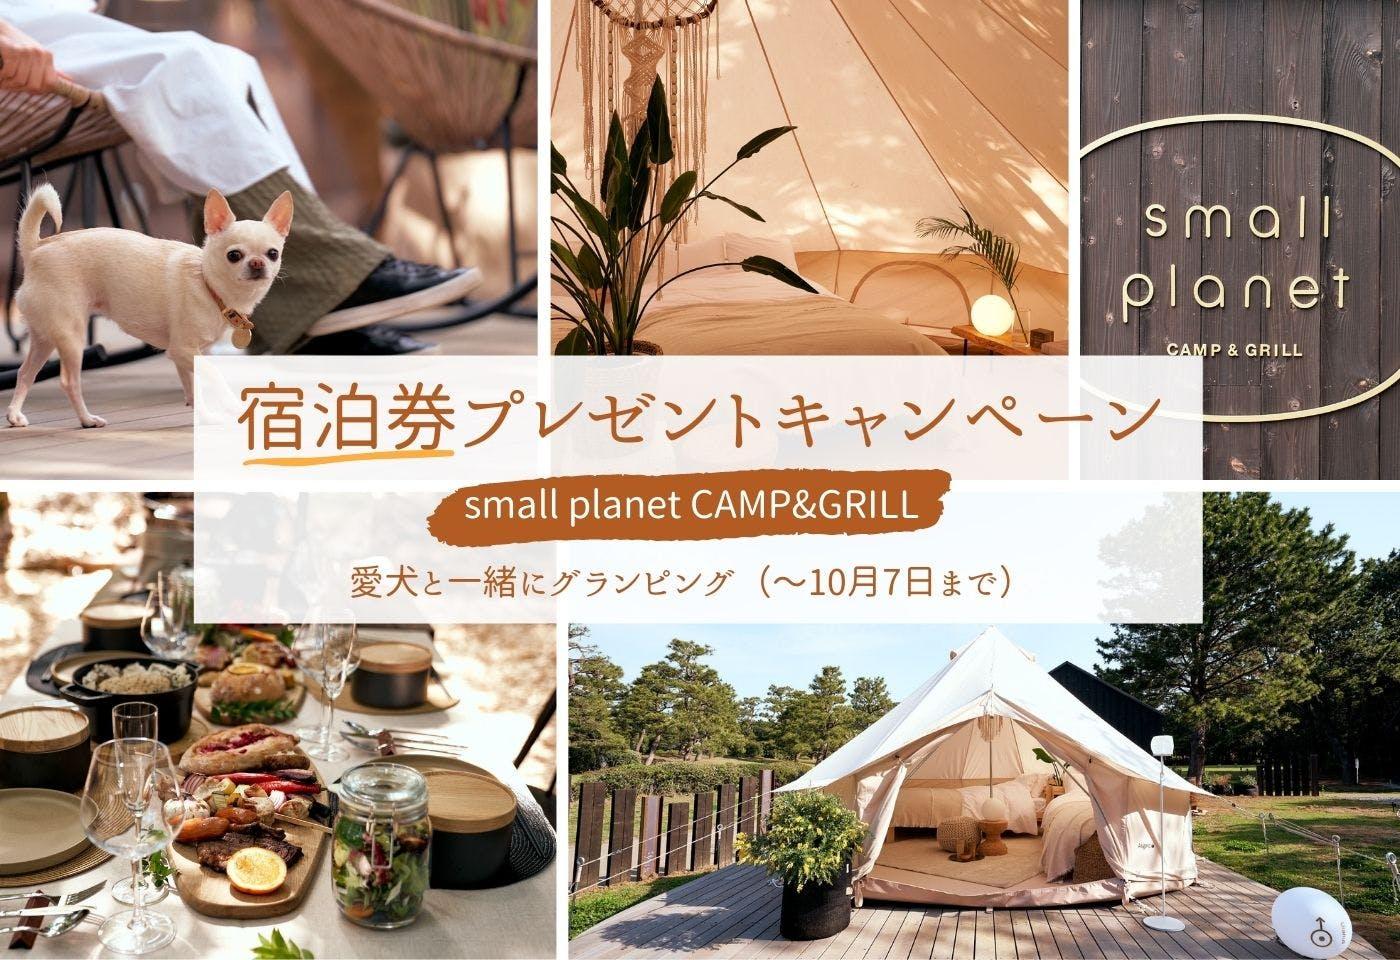 【宿泊ご招待】愛犬と過ごせる千葉・稲毛のグランピング施設『small planet CAMP & GRILL』の宿泊券をプレゼント!